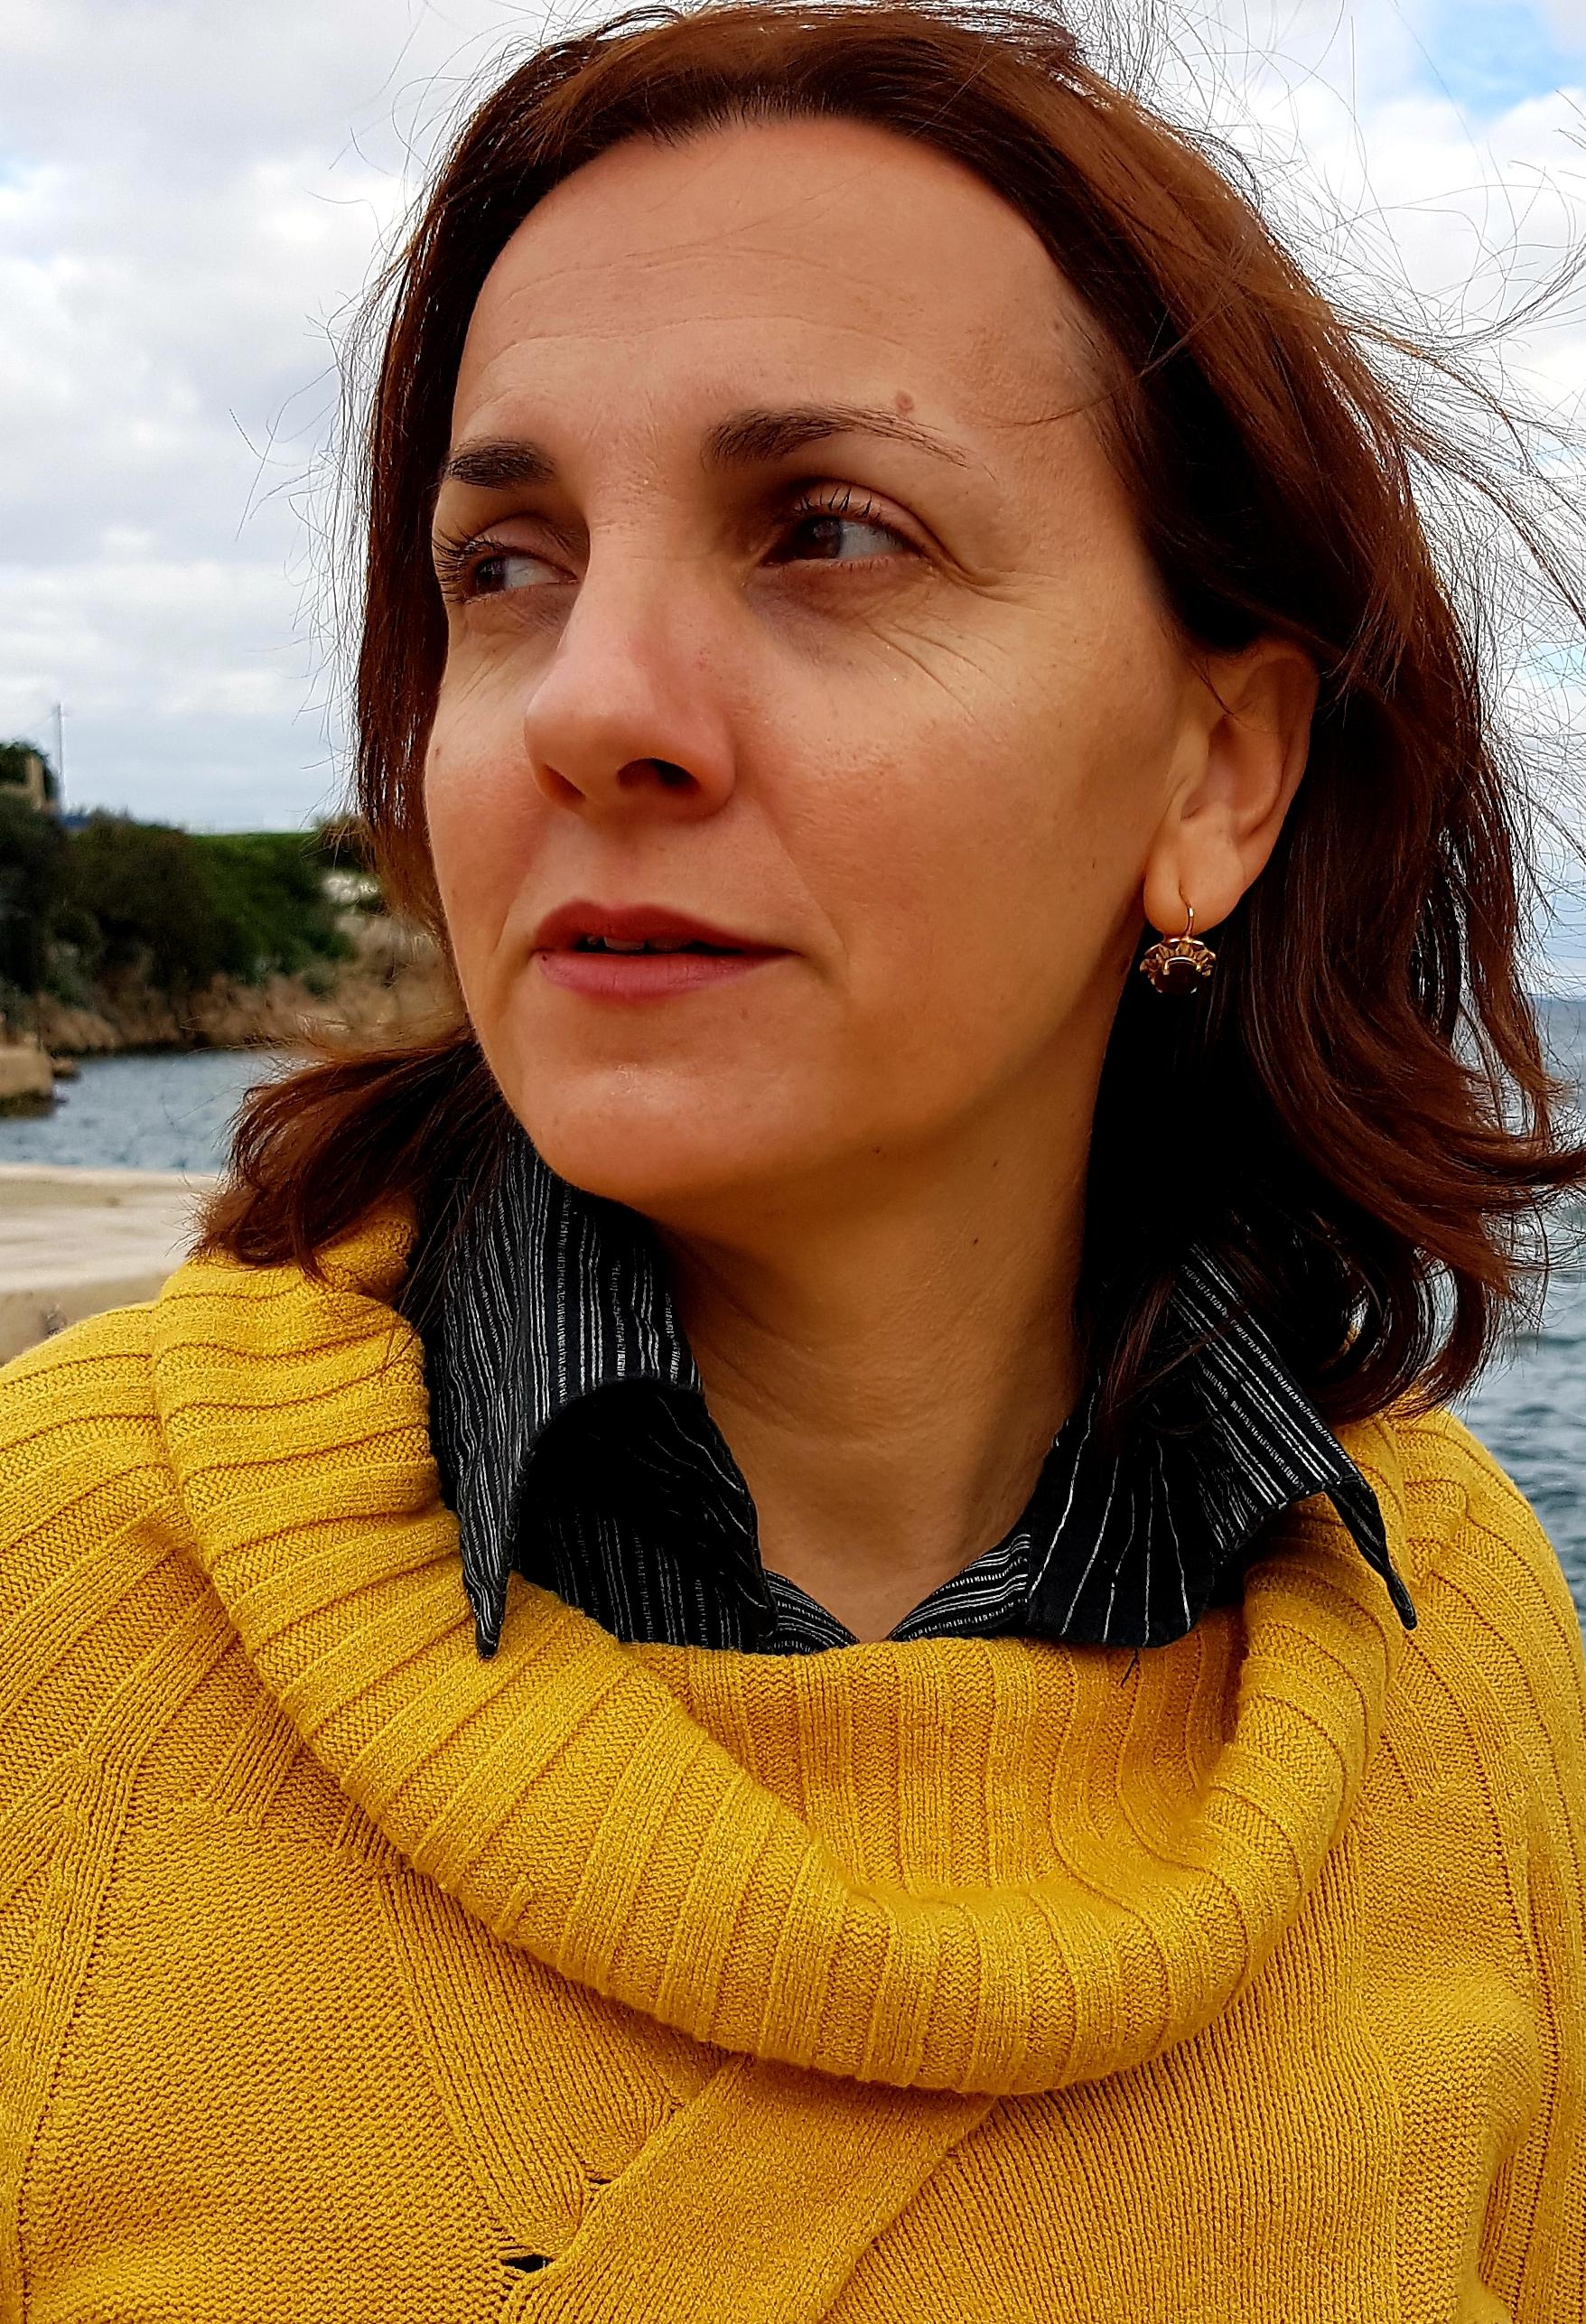 Jelena Basta